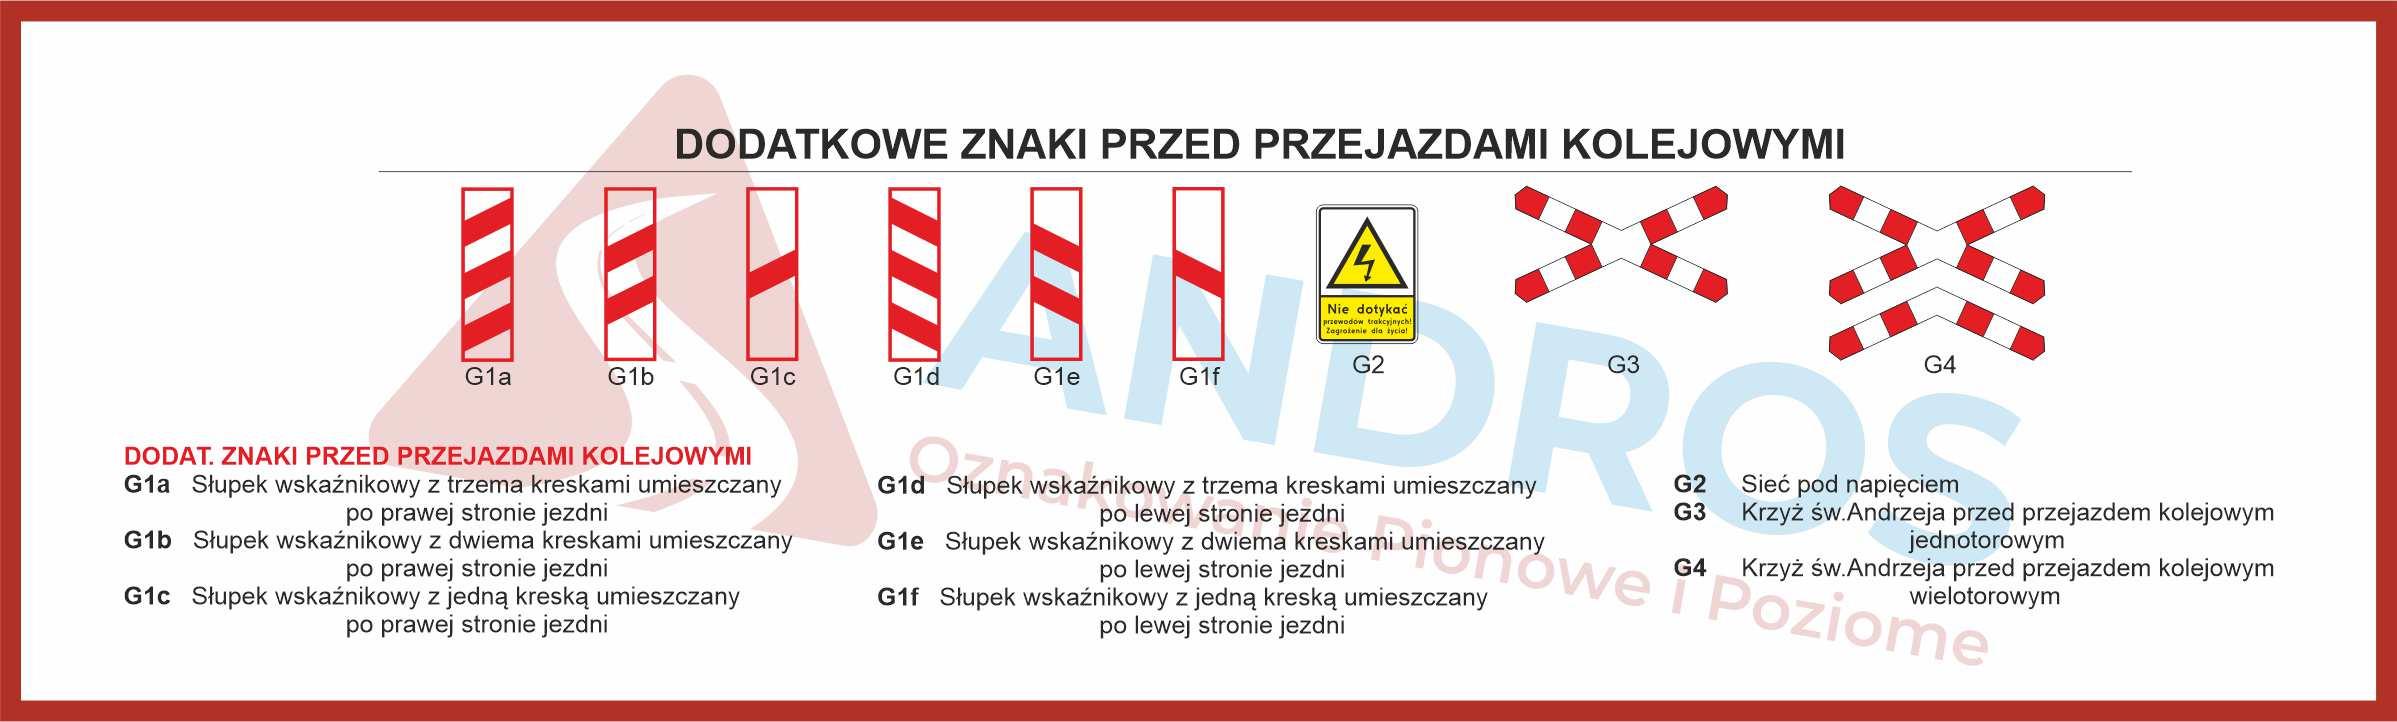 Znaki przed przejazdami kolejowymi